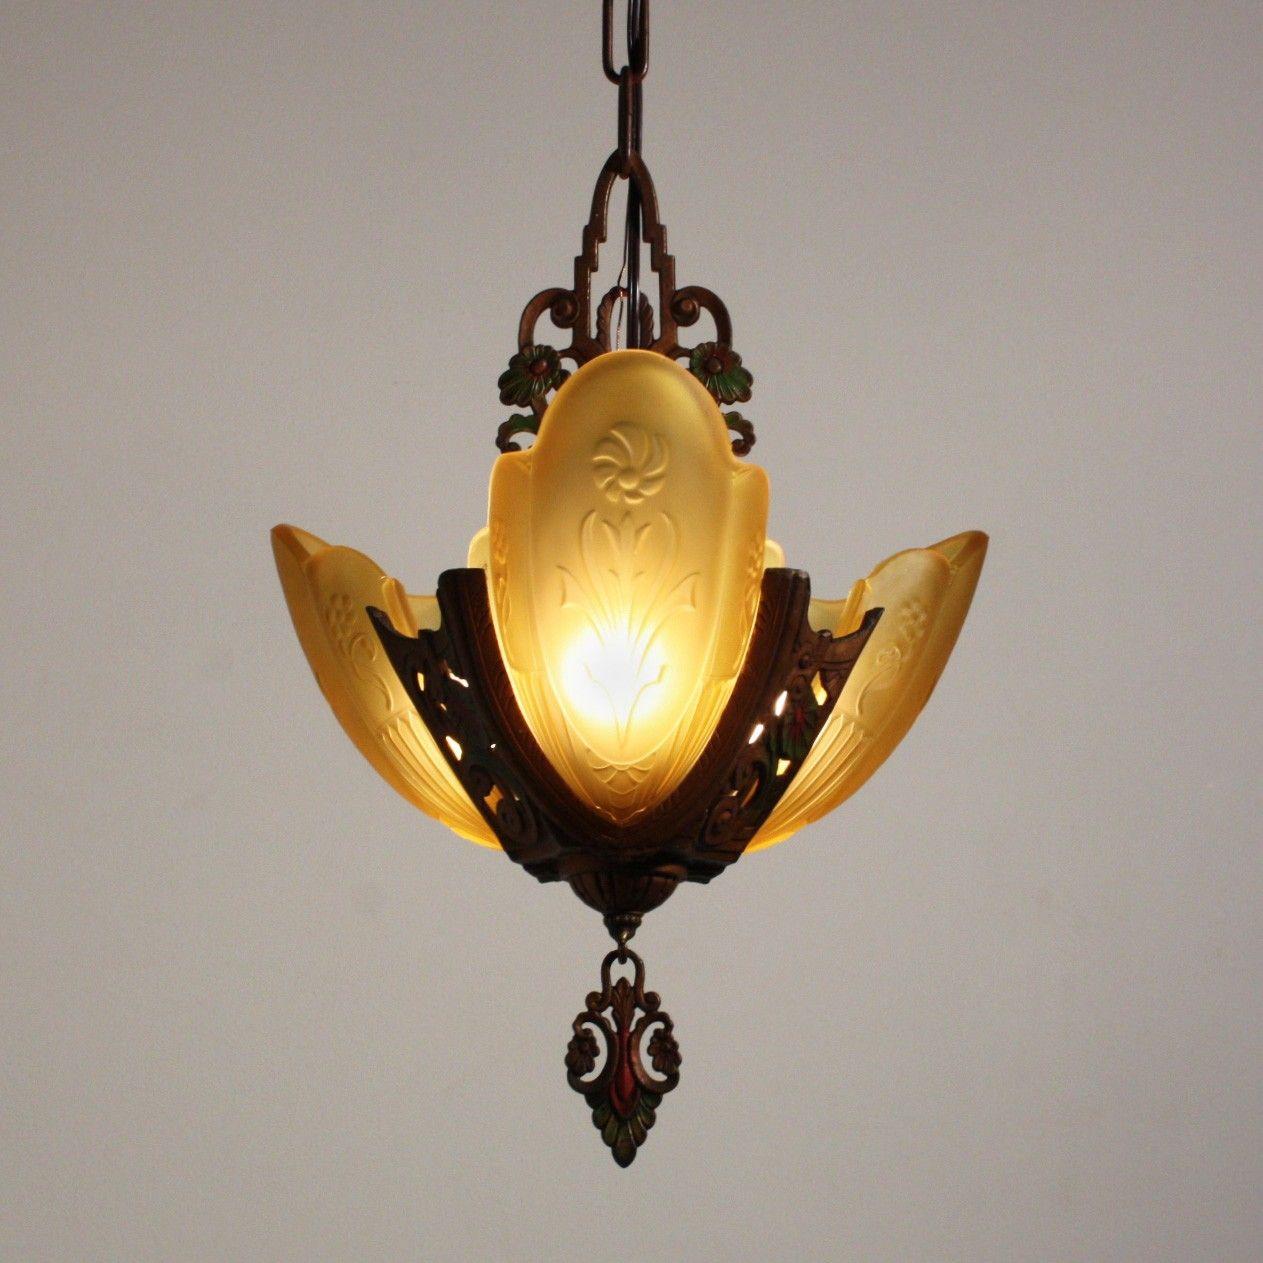 SOLD Splendid Antique ThreeLight Art Deco Slip Shade